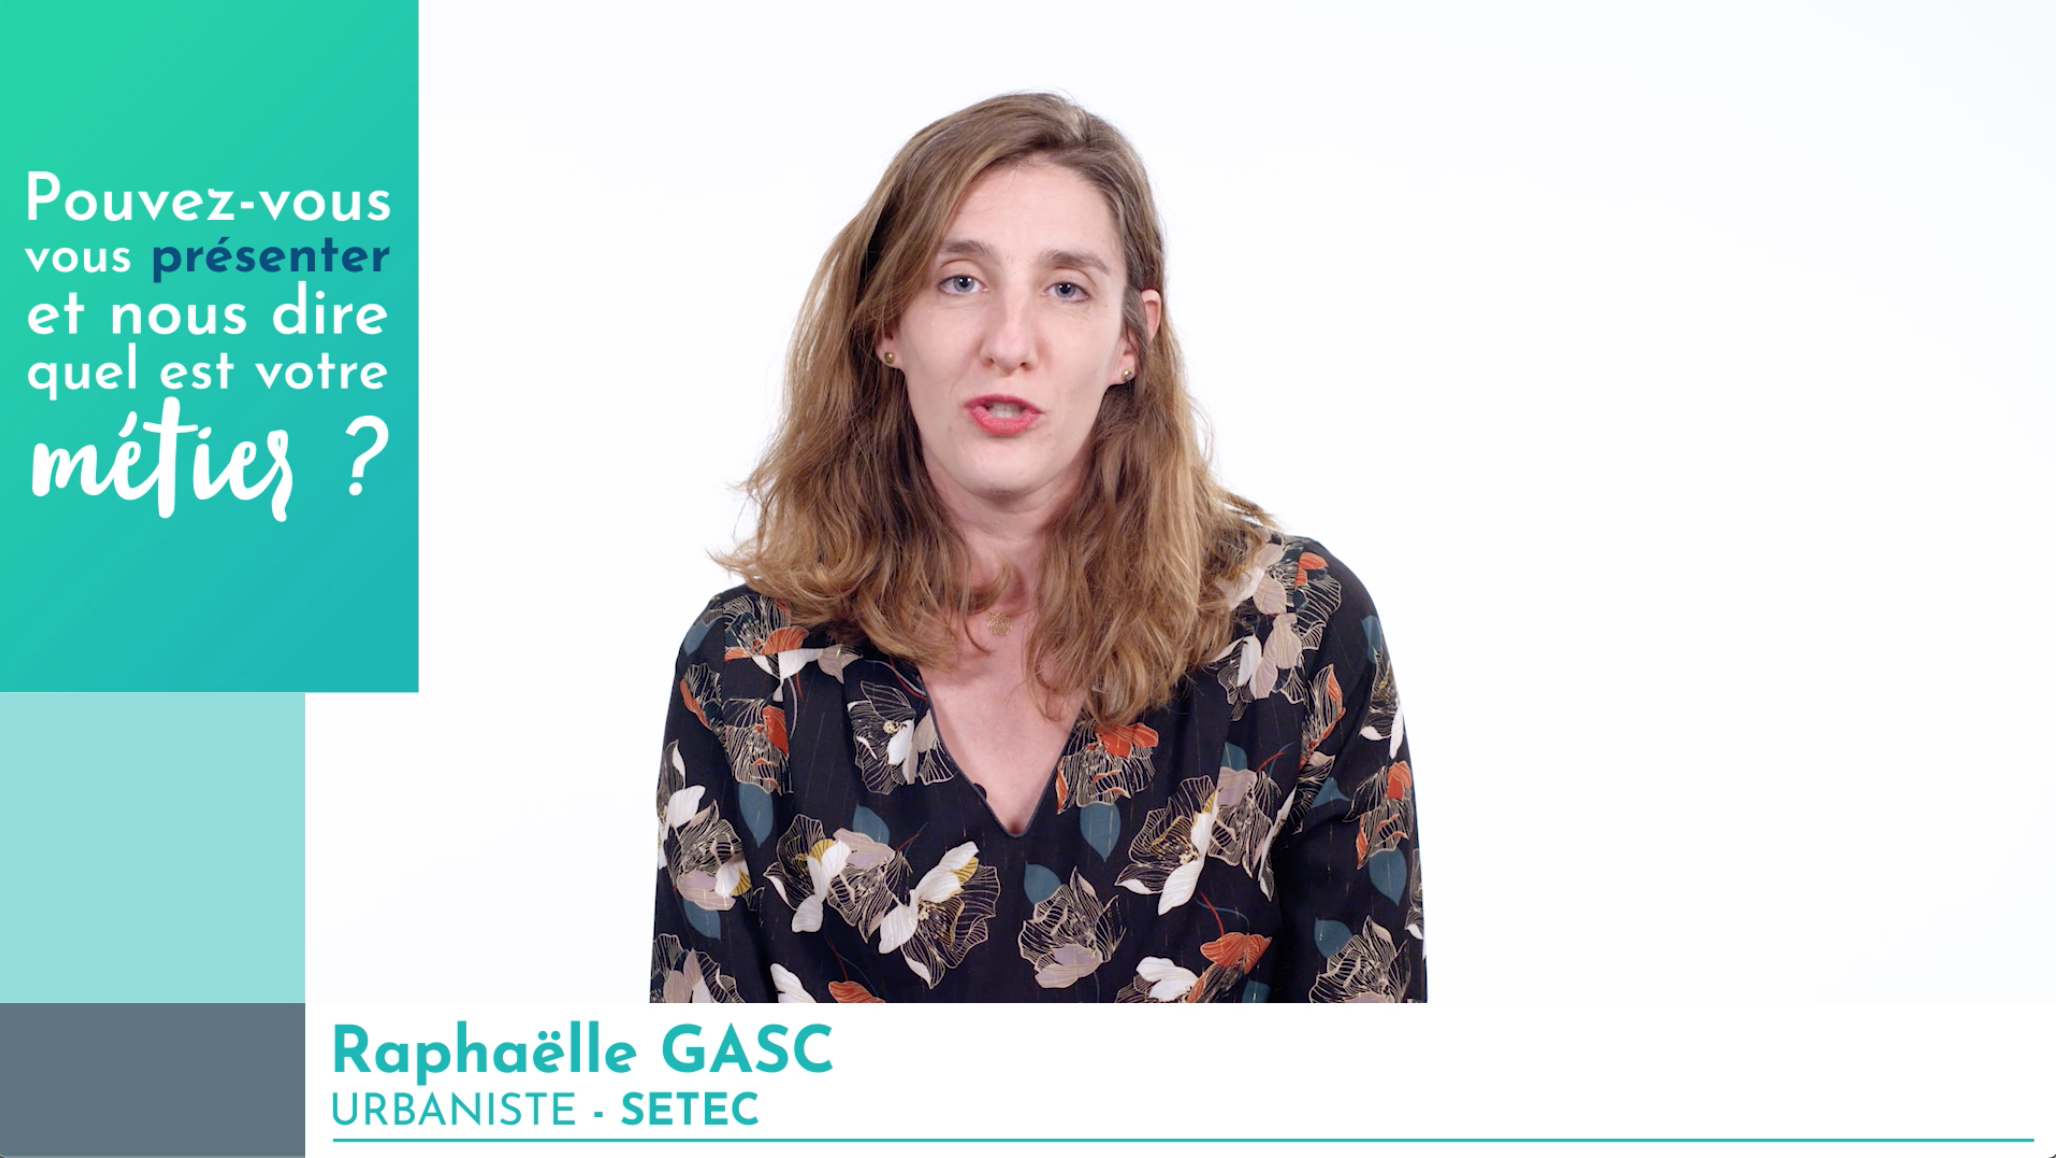 [VIDÉO] Série Femmes de l'ingénierie : Raphaëlle Gasc, urbaniste au service du développement des territoires